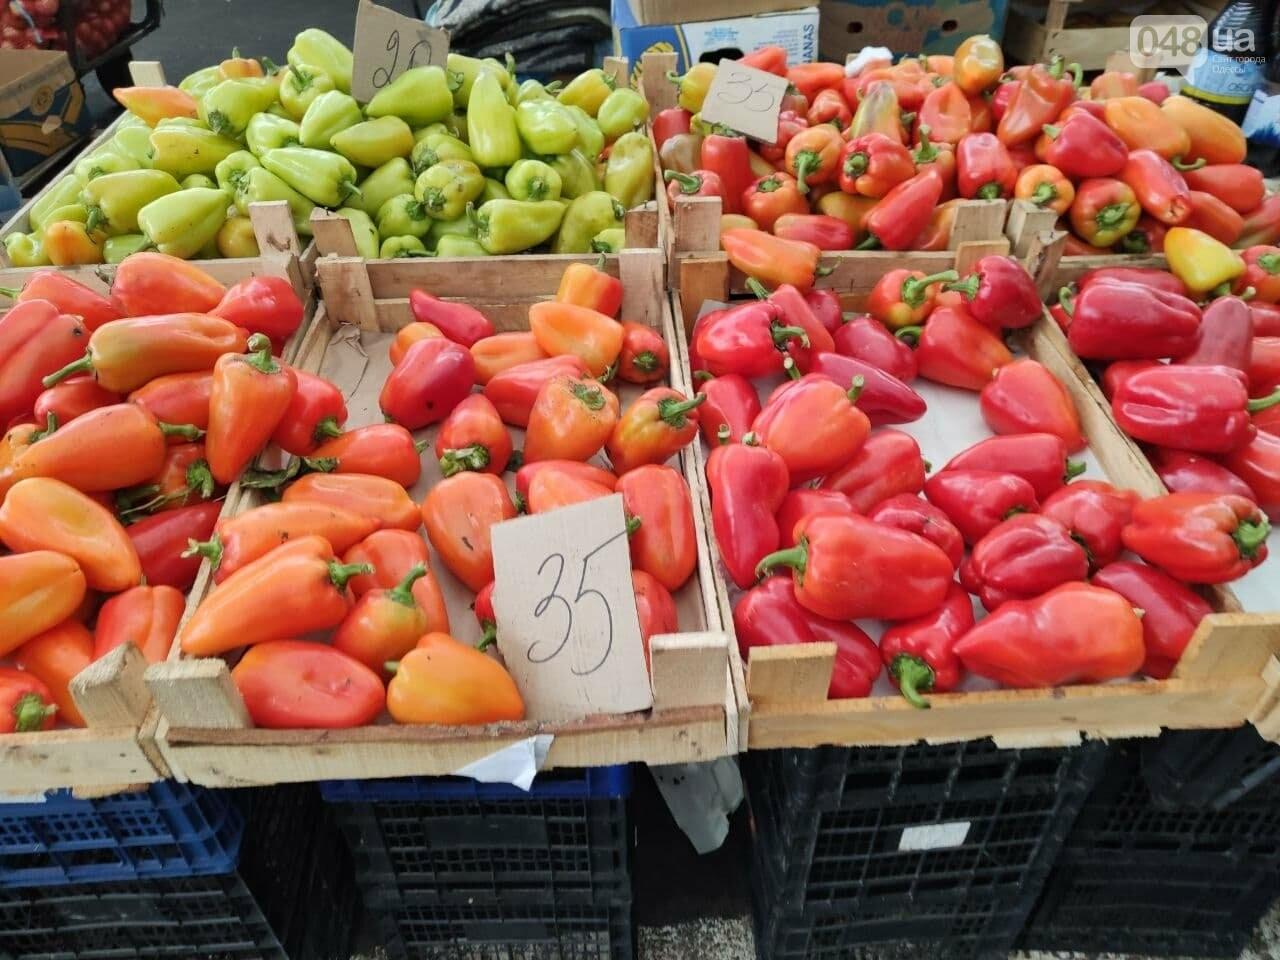 Гранат, лимоны, синенькие: почем на одесском Привозе фрукты и овощи, - ФОТО, фото-5